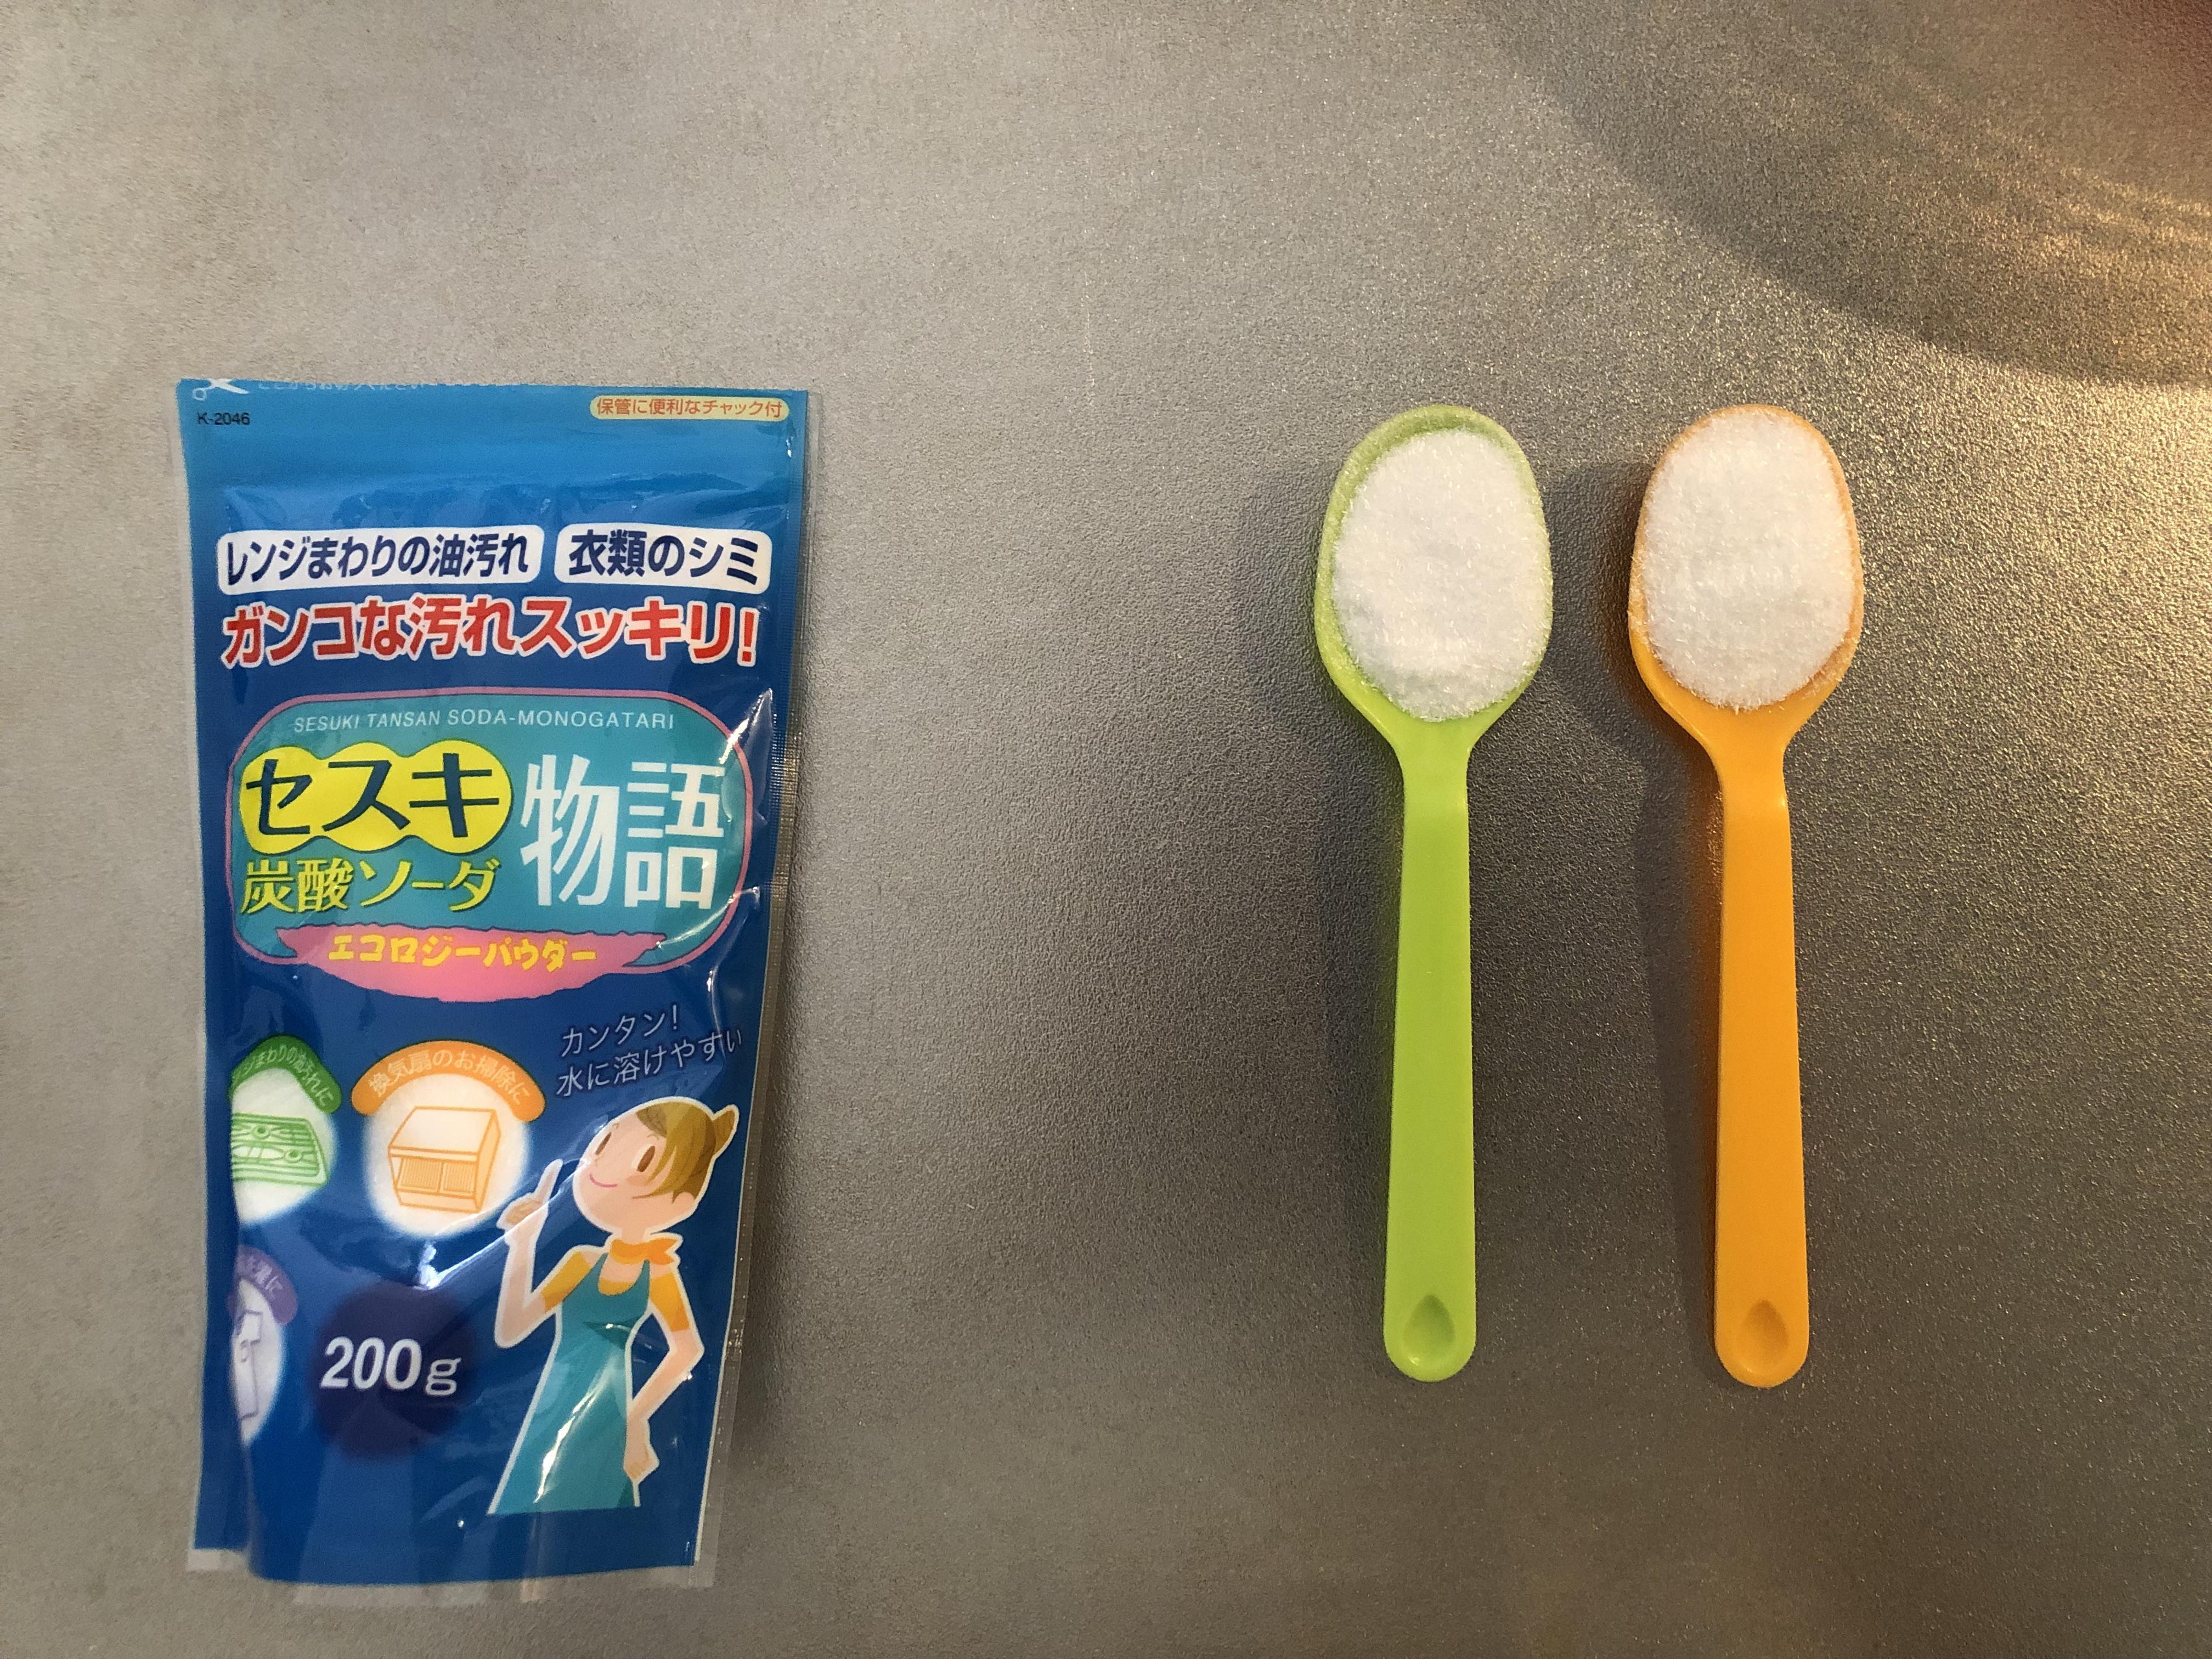 炭酸ソーダと重曹